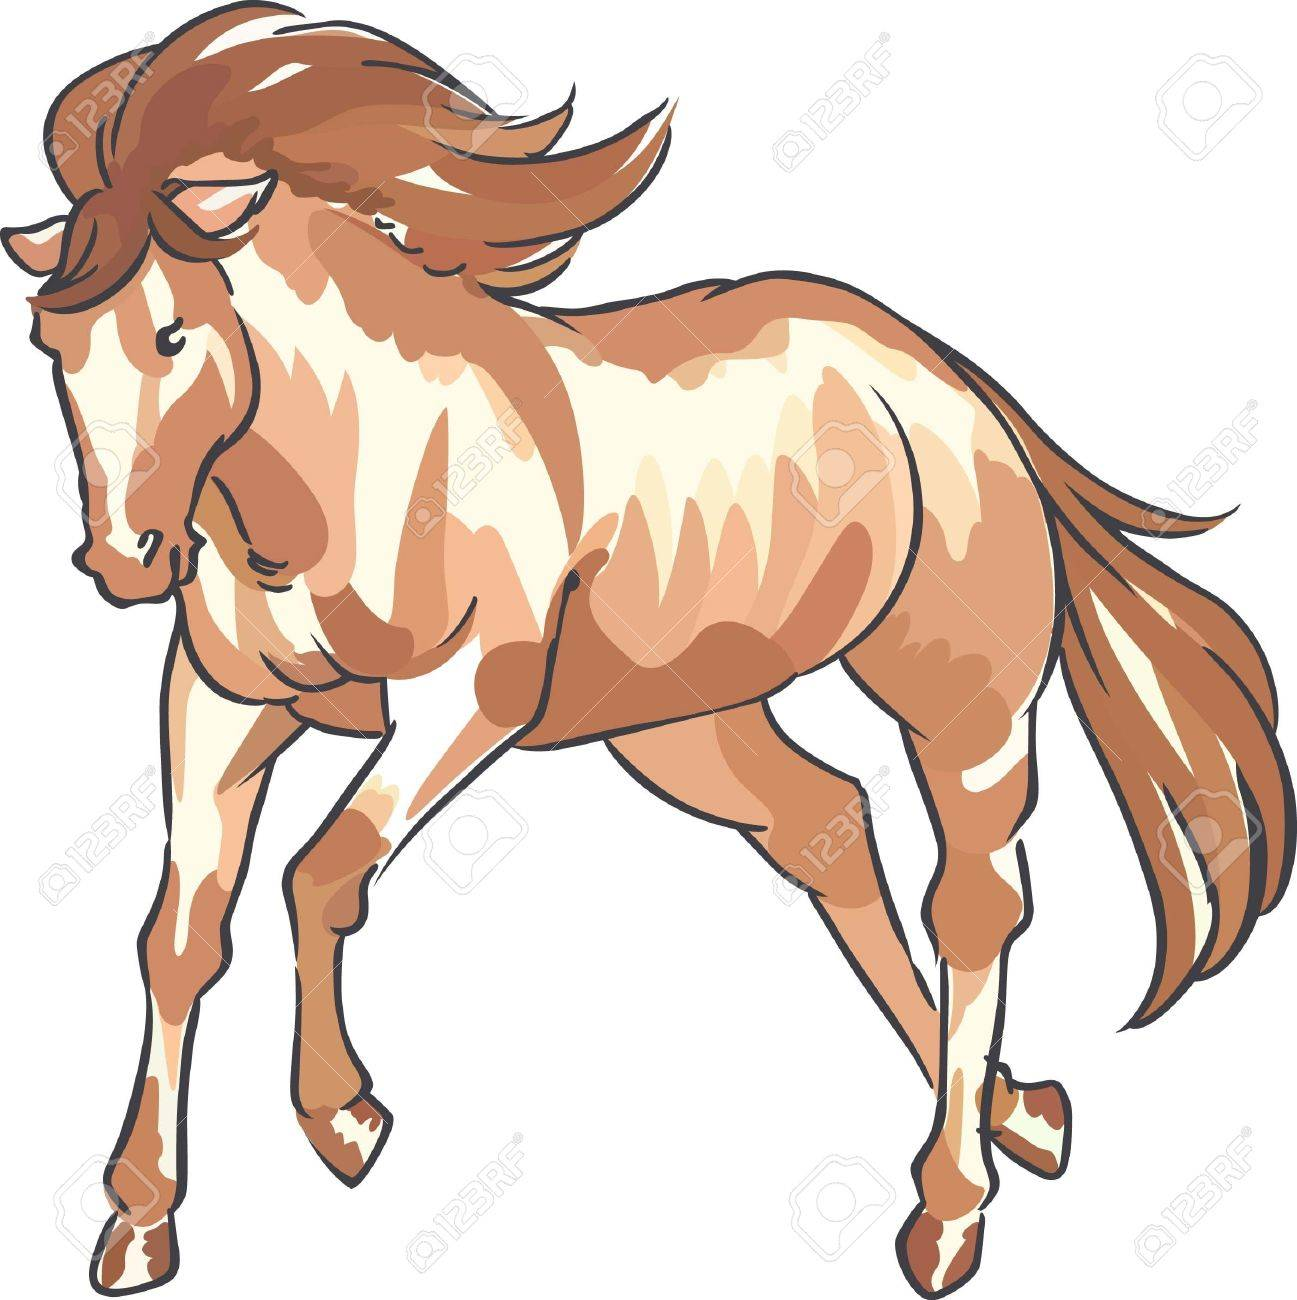 Ein Schönes Pferd Ist Ein Klassisches Dekor West Lizenzfrei Nutzbare ...